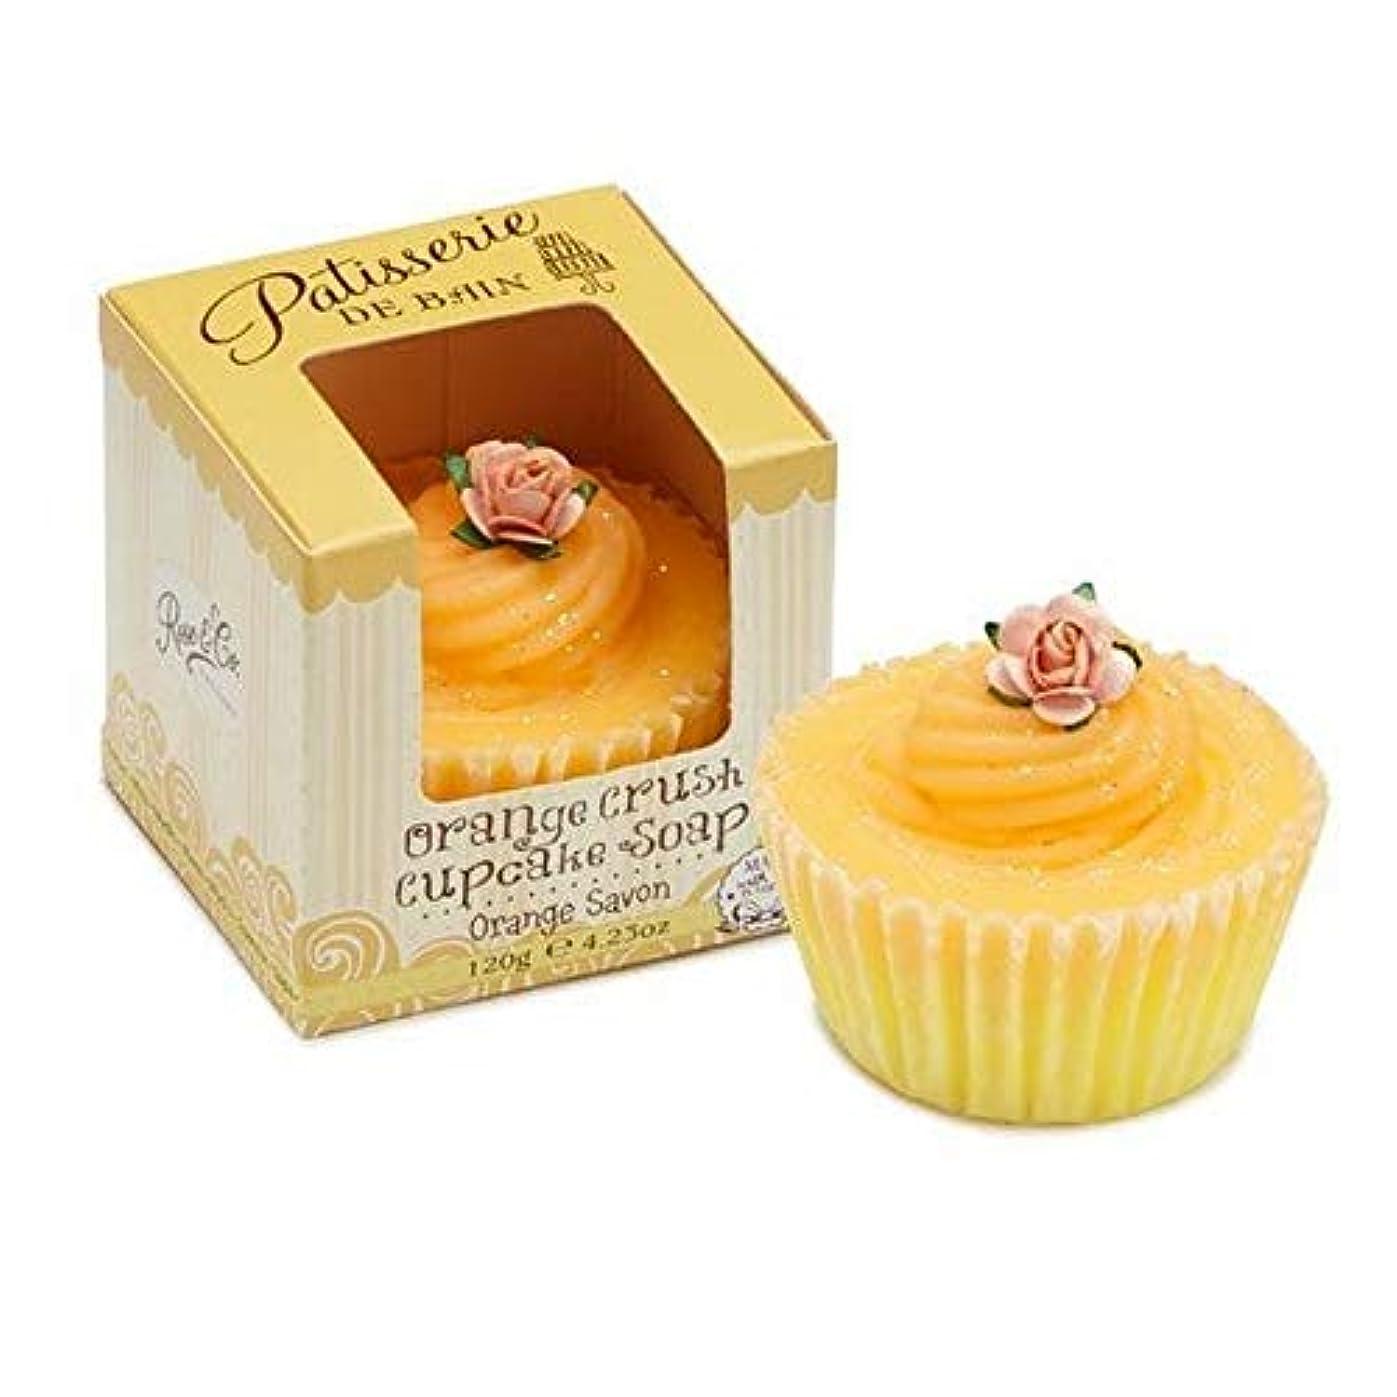 優先権補充悪質な[Patisserie de Bain ] パティスリー?ド?ベインオレンジクラッシュカップケーキソープ120グラム - Patisserie de Bain Orange Crush Cupcake soap 120g...